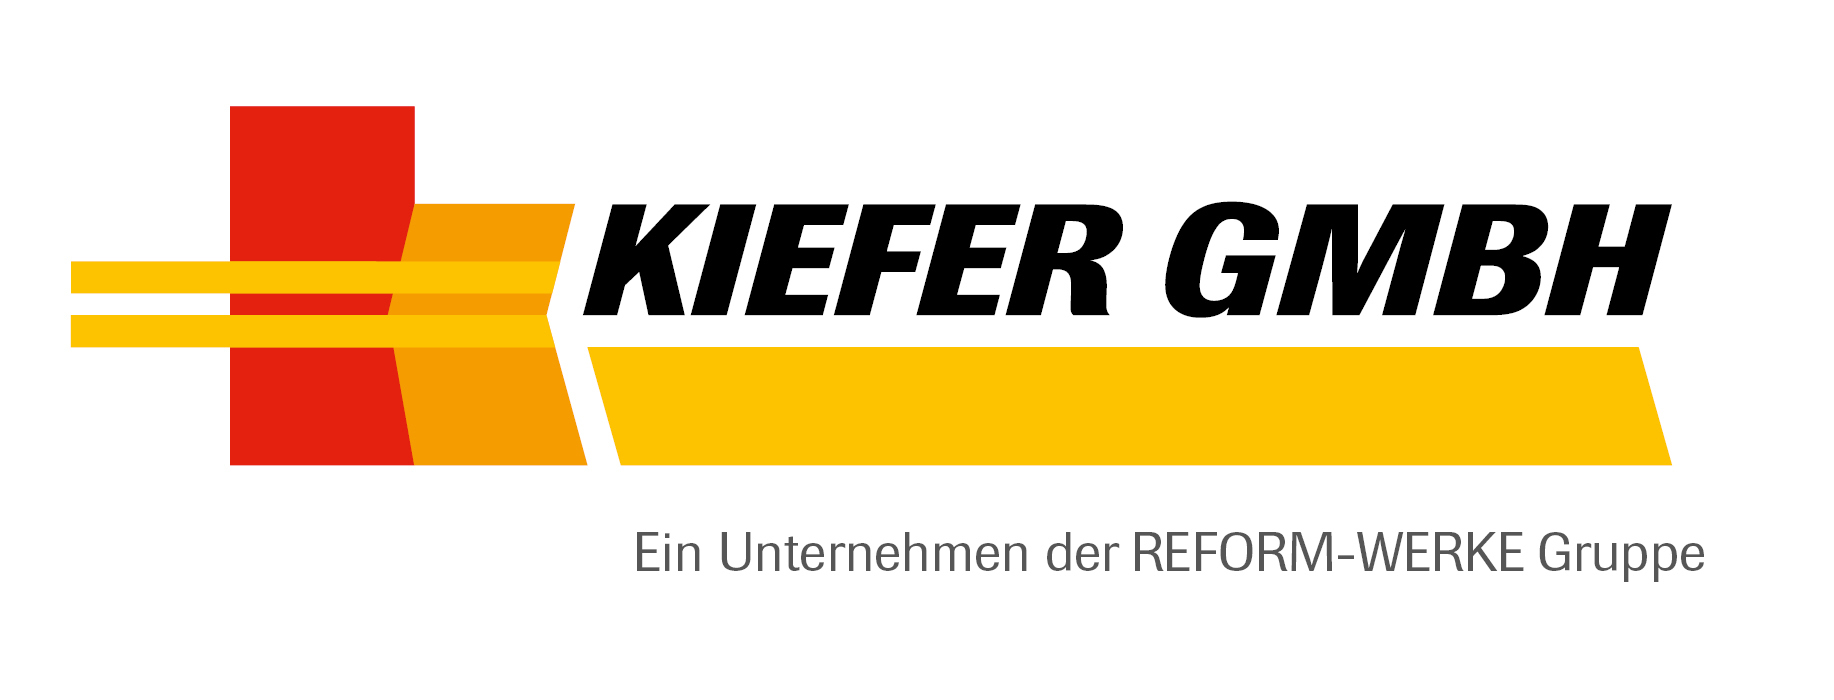 Kiefer Logo 2015 U der REFORMGruppe